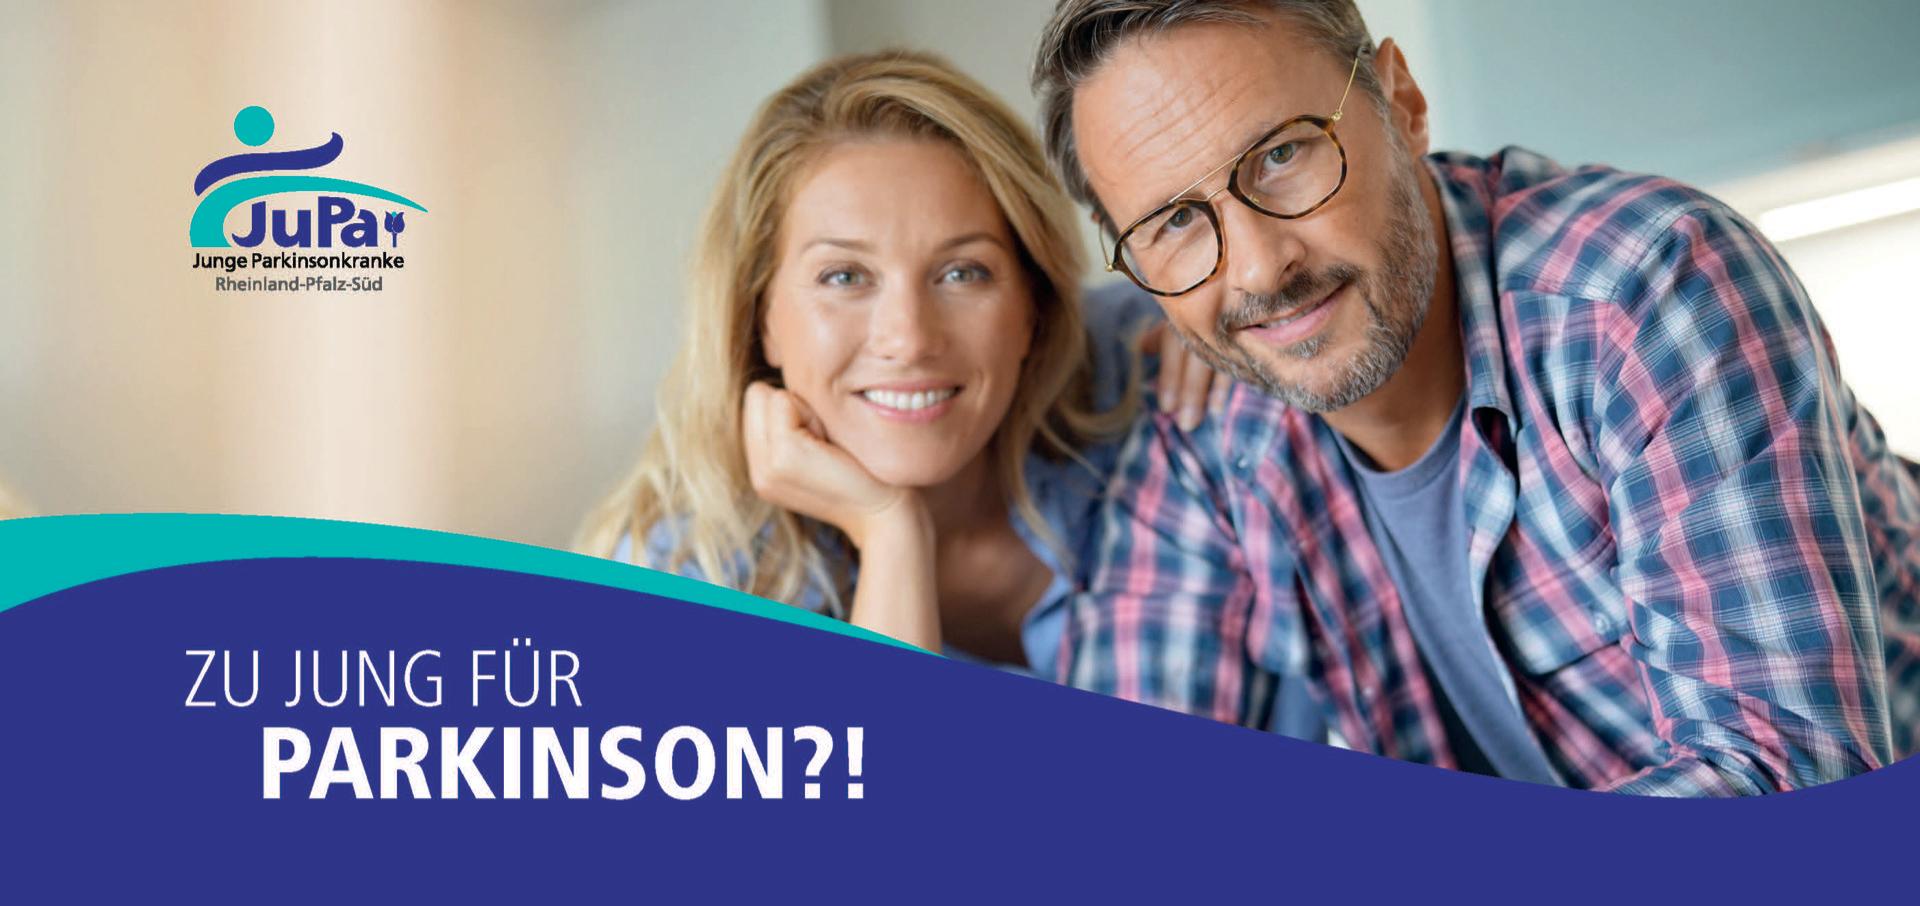 Zu jung für Parkinson?!